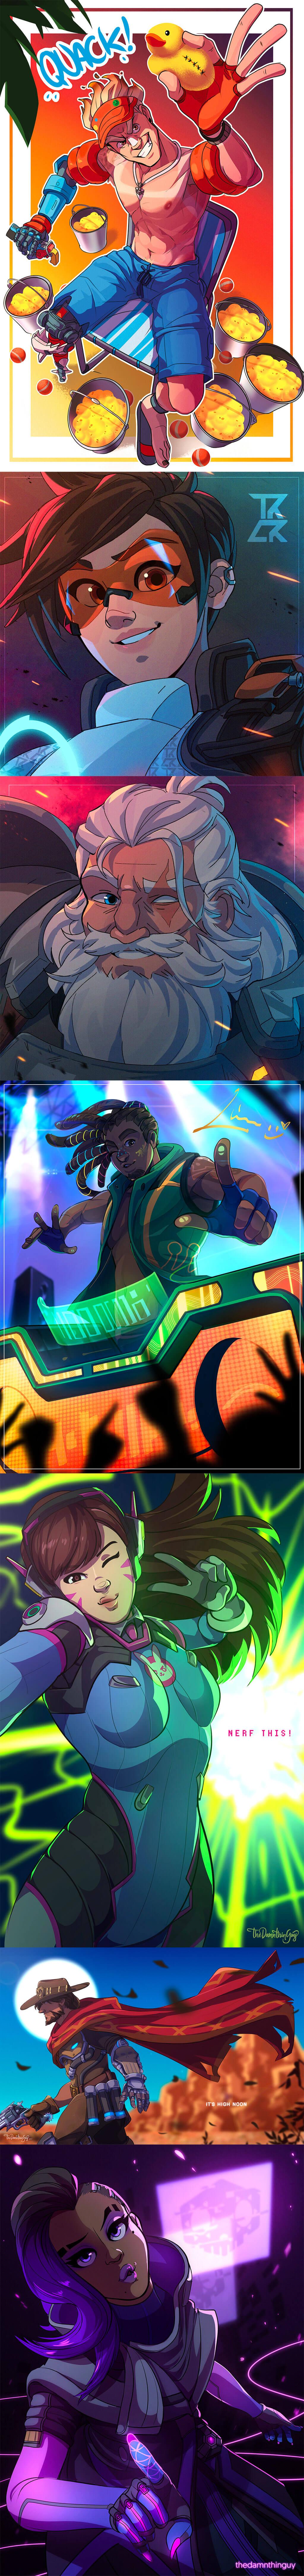 Overwatch Fan Art by Vic Regis